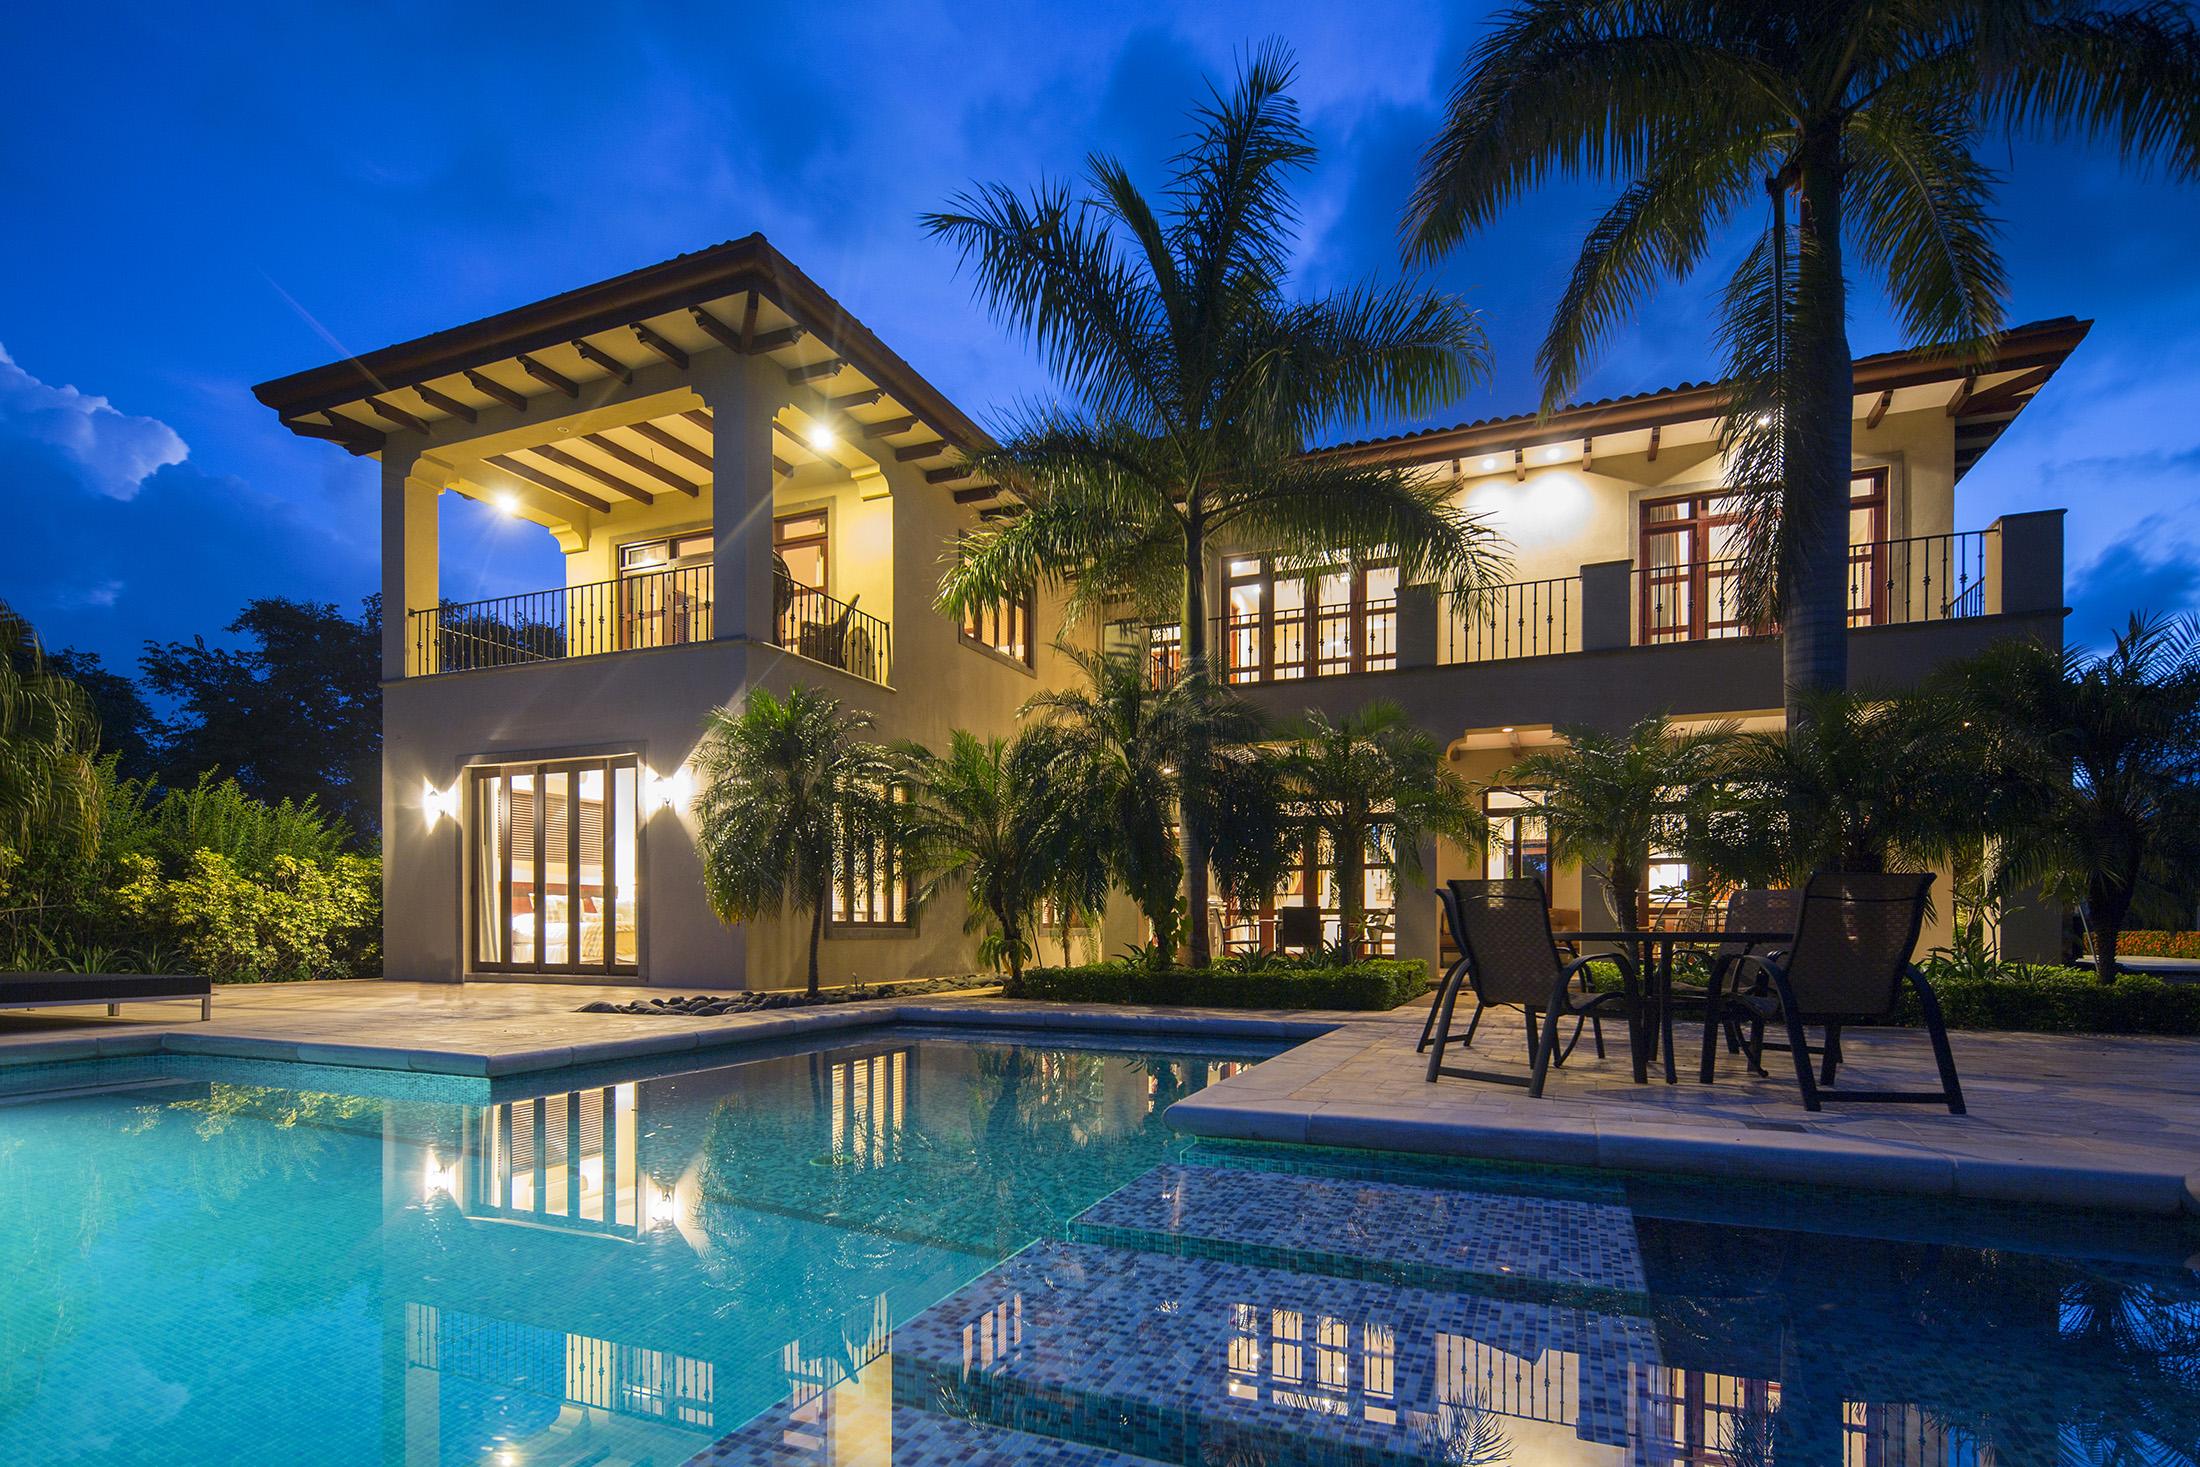 Luxury home in hacienda pinlla costa rica real estate for Luxury homes for sale in costa rica